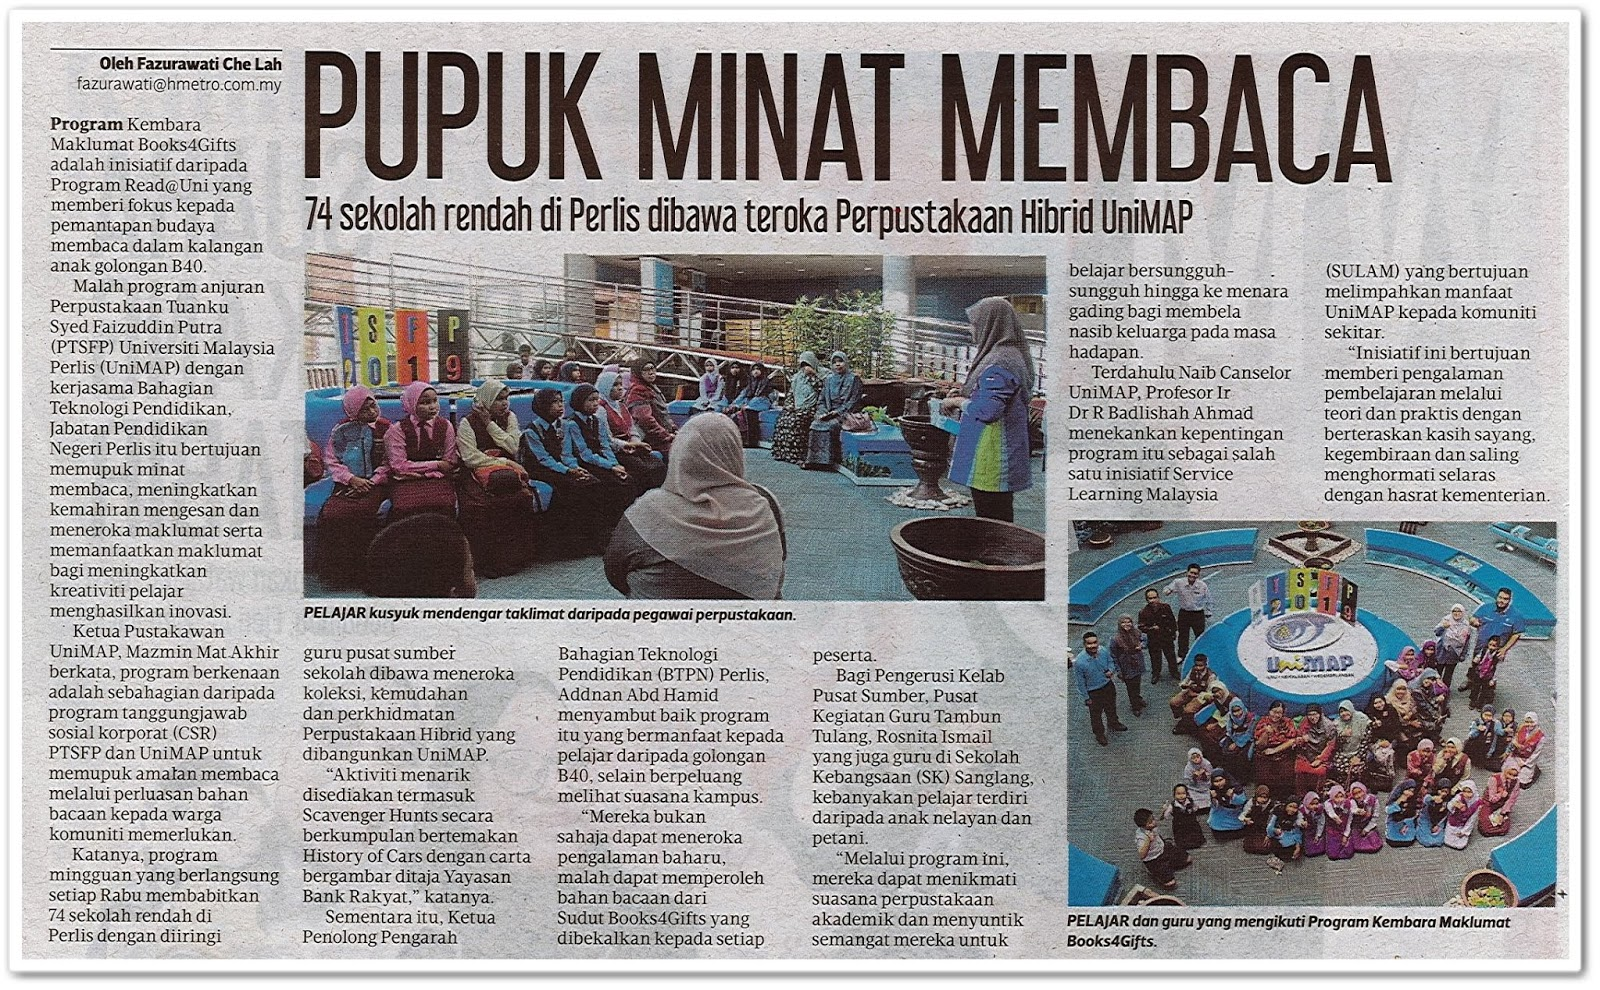 Pupuk minat membaca ; 74 sekolah rendah di Perlis dibawa teroka Perpustakaan Hibrid UniMAP - Keratan akhbar Harian Metro 23 September 2019